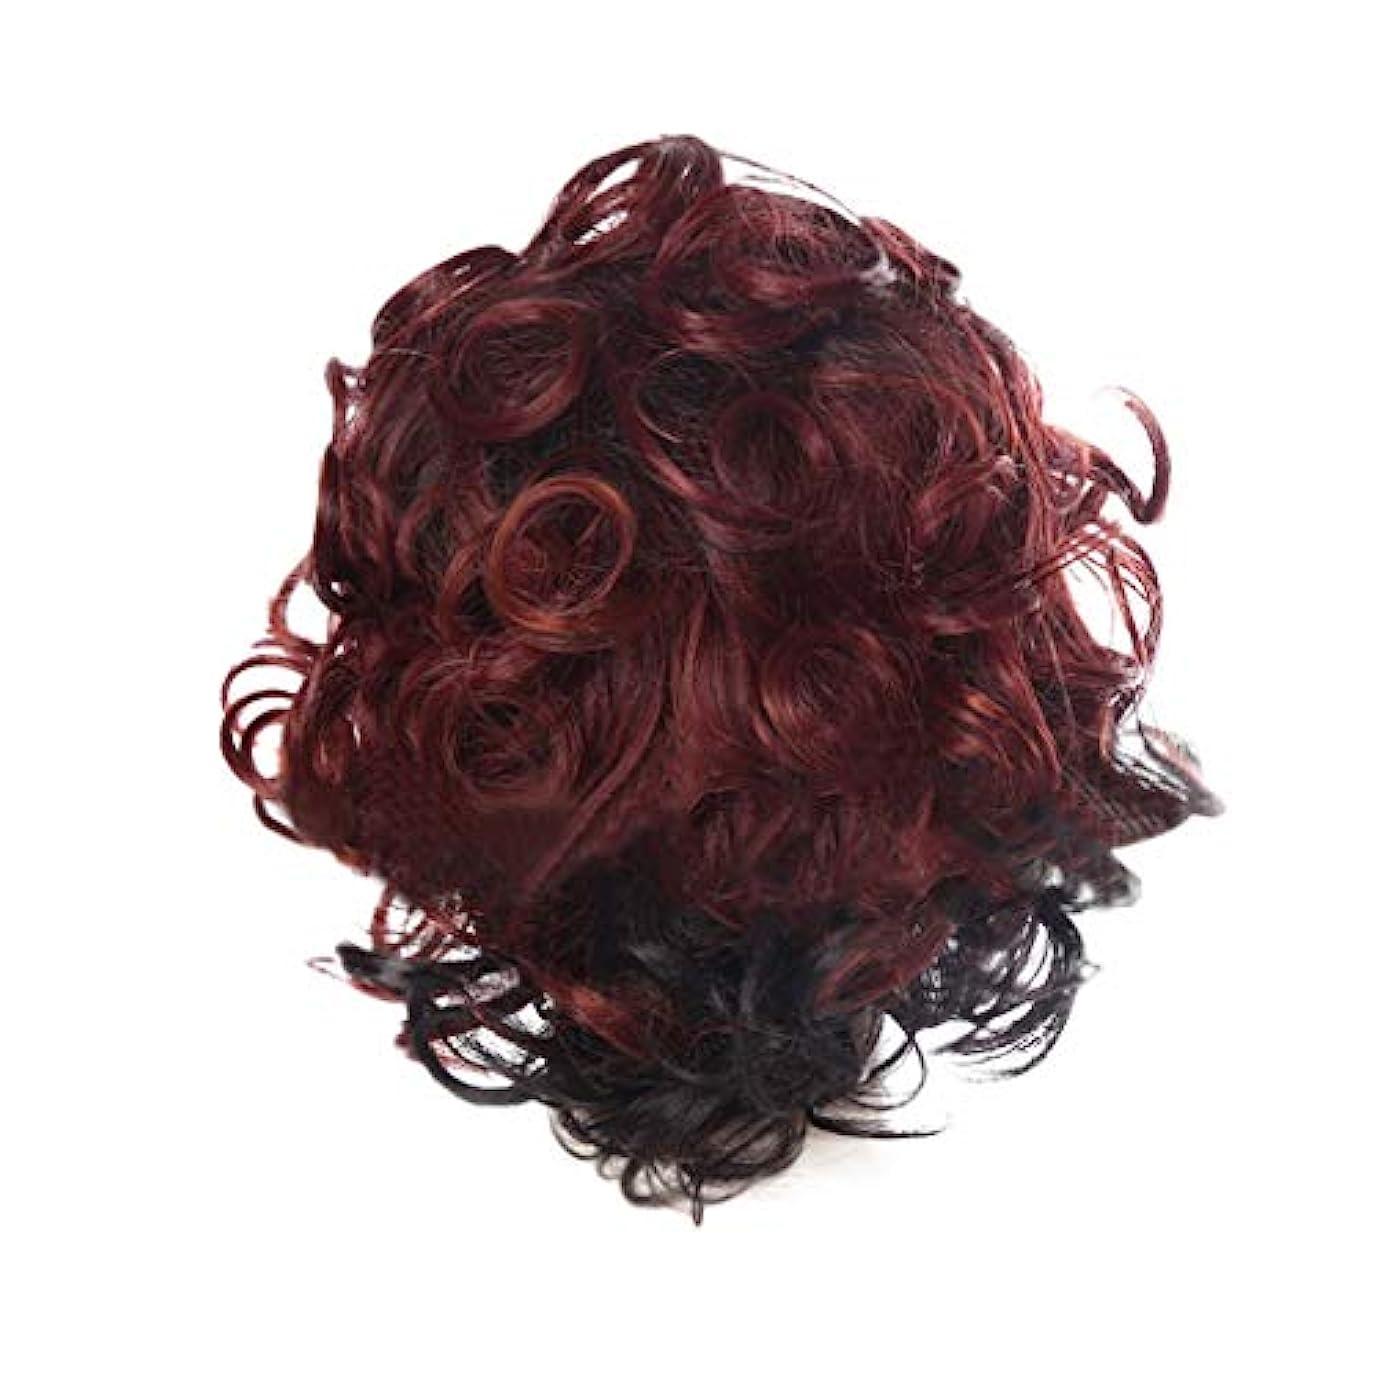 影響する大通り剣女性の赤い短い巻き毛の人格爆発ヘッドかつら35 cmをかつら